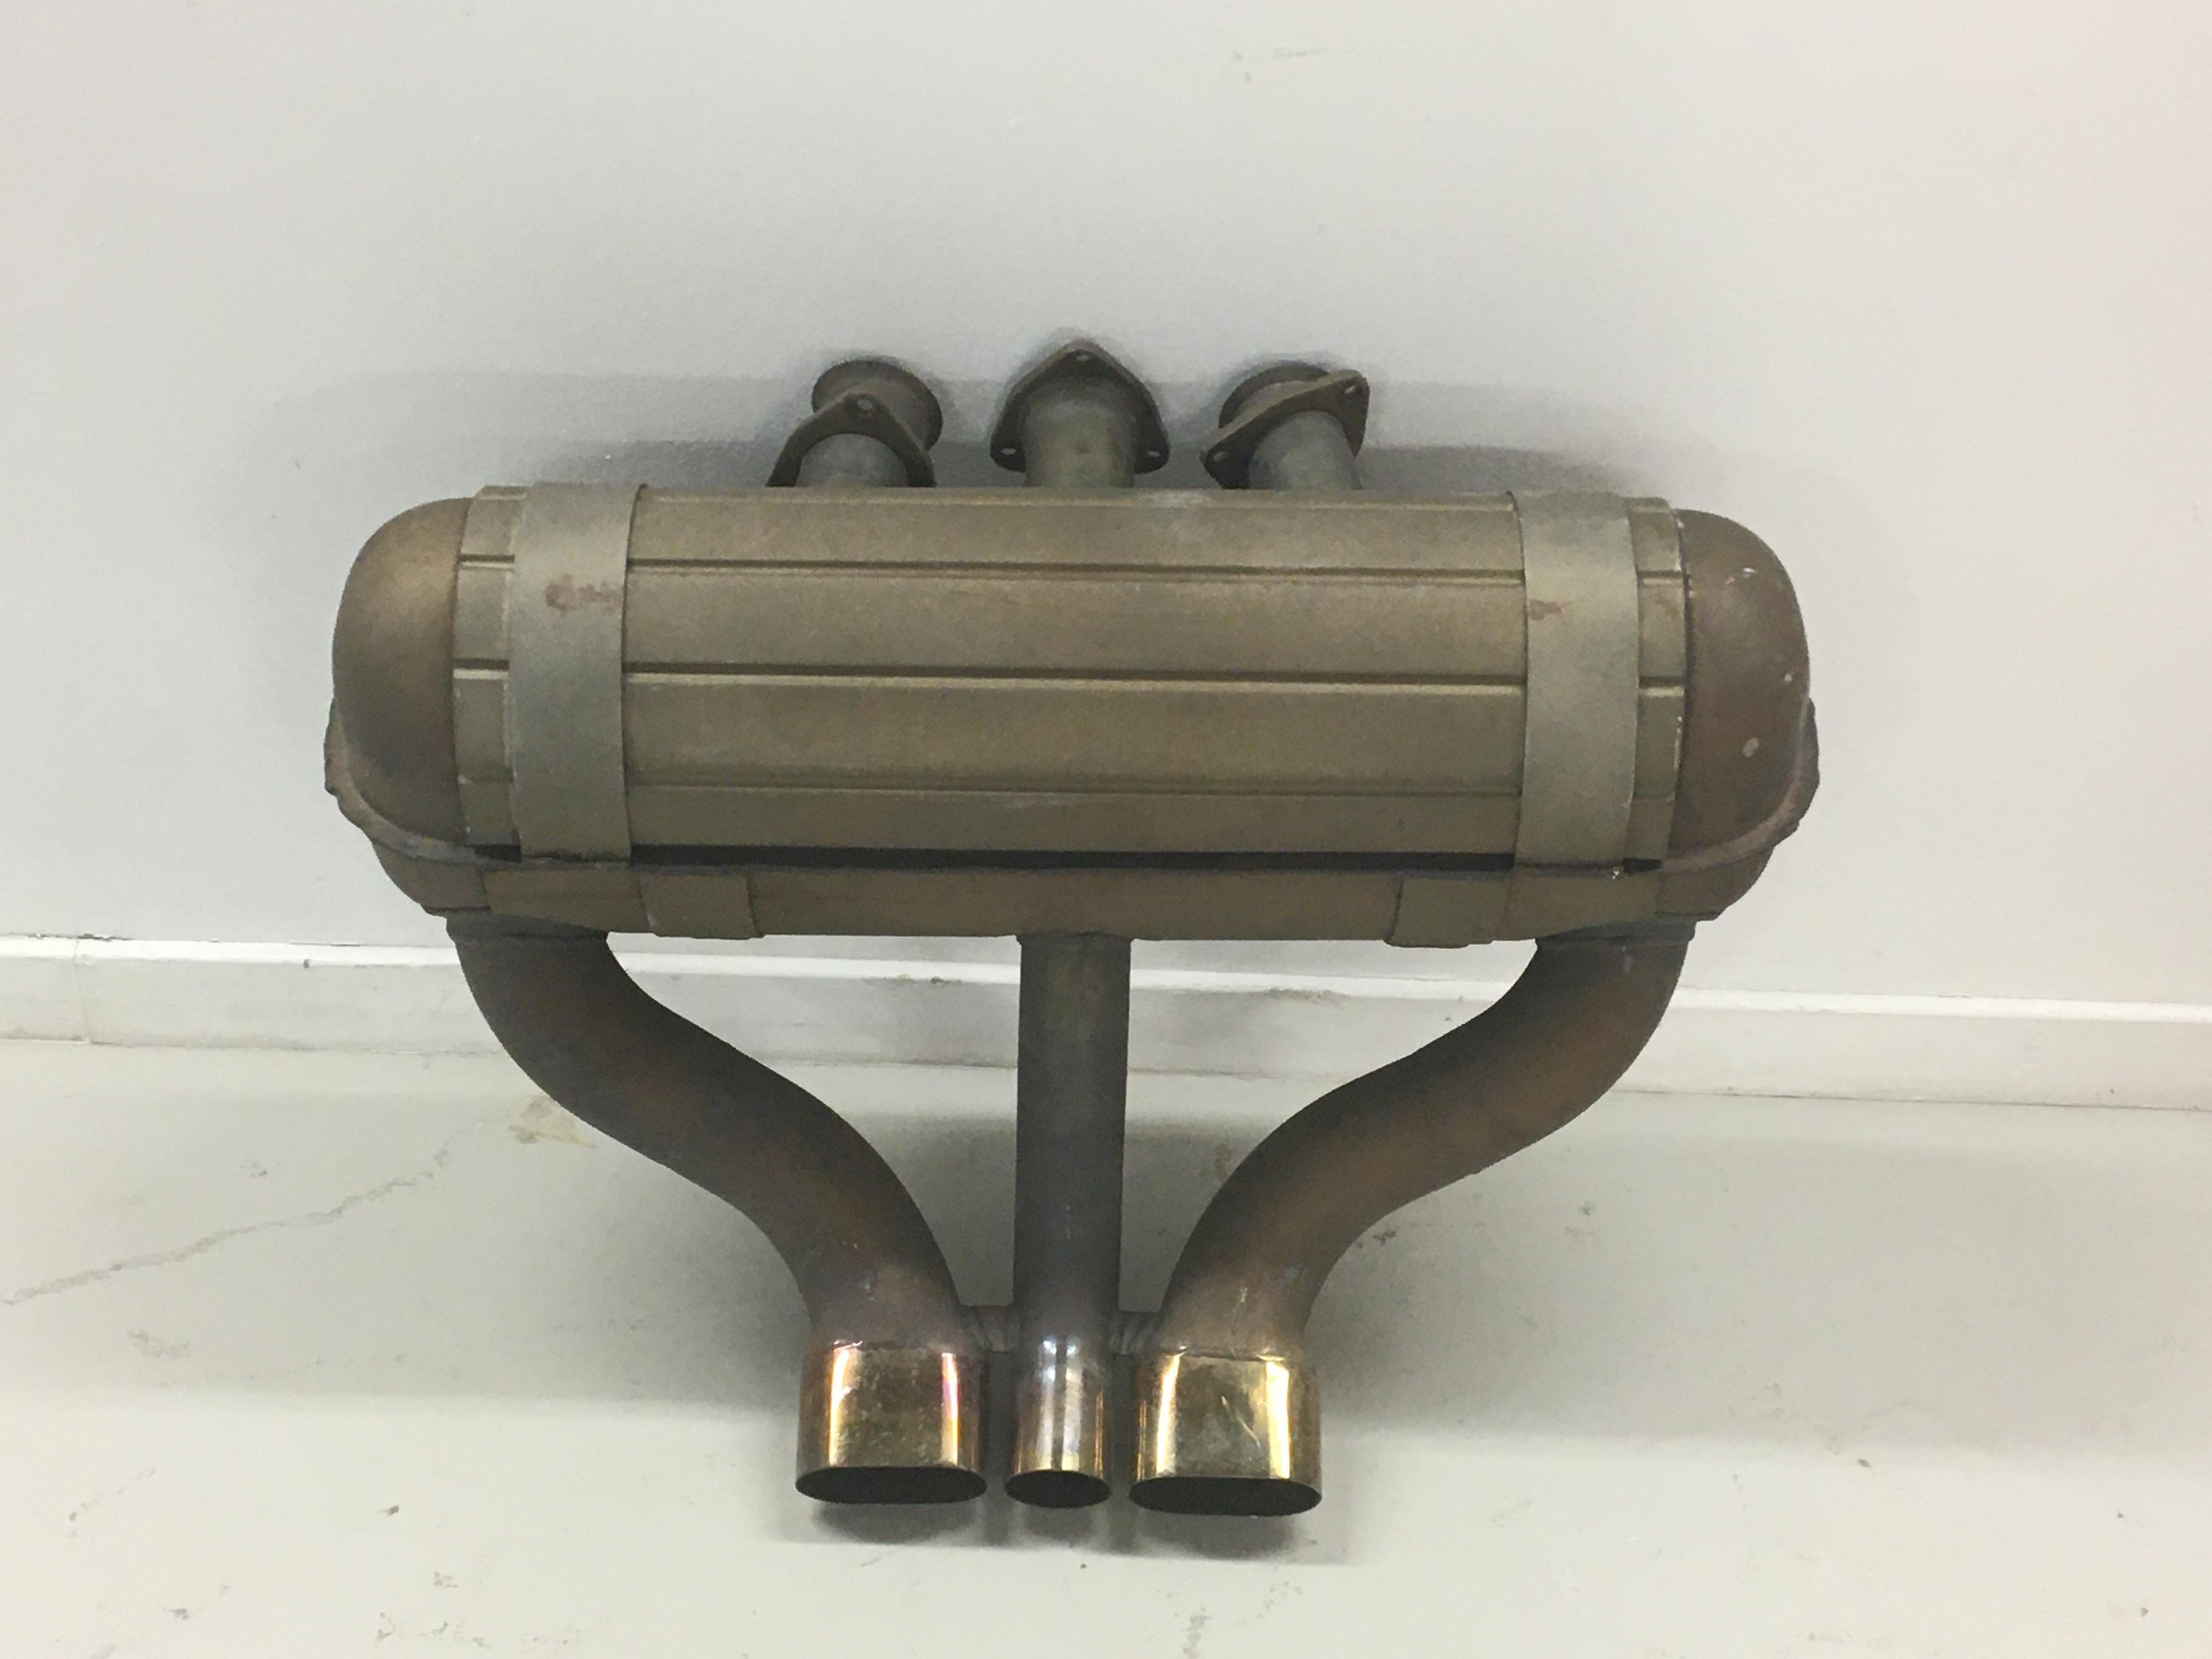 F40 Exhaust Muffler